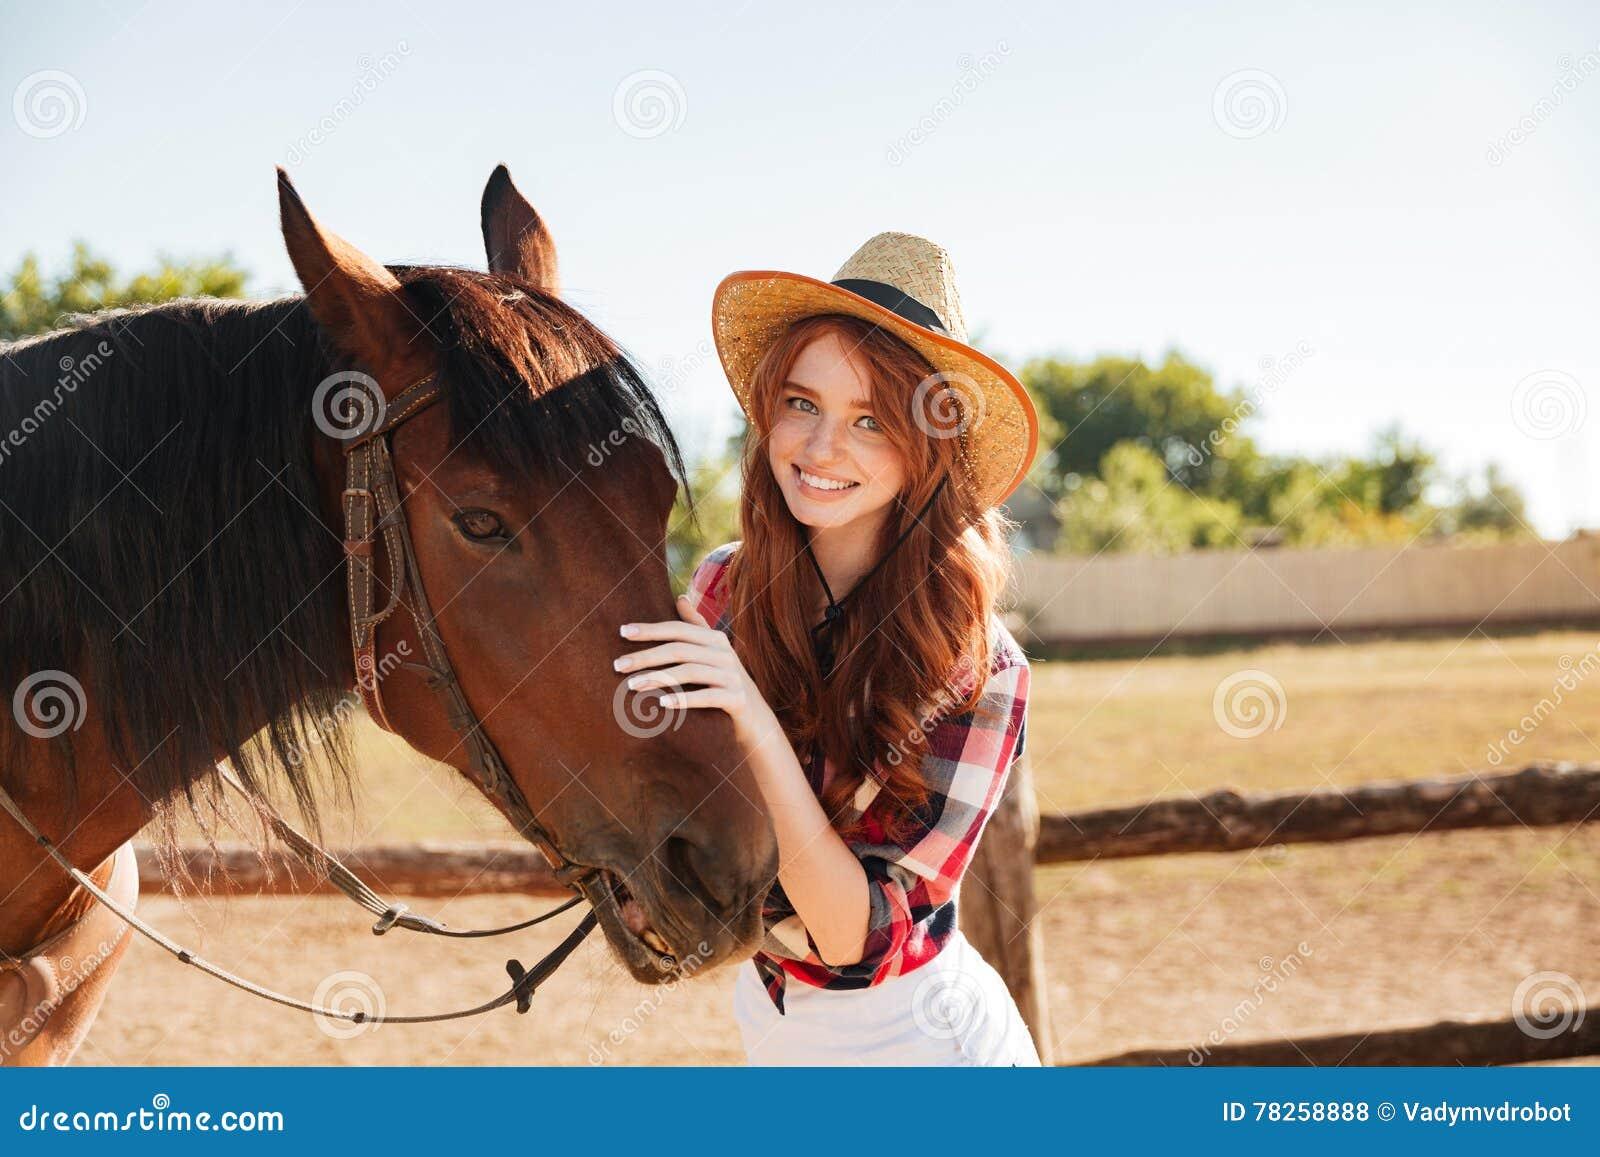 Χαμογελώντας όμορφη νέα γυναίκα cowgirl με το άλογό της στο αγρόκτημα